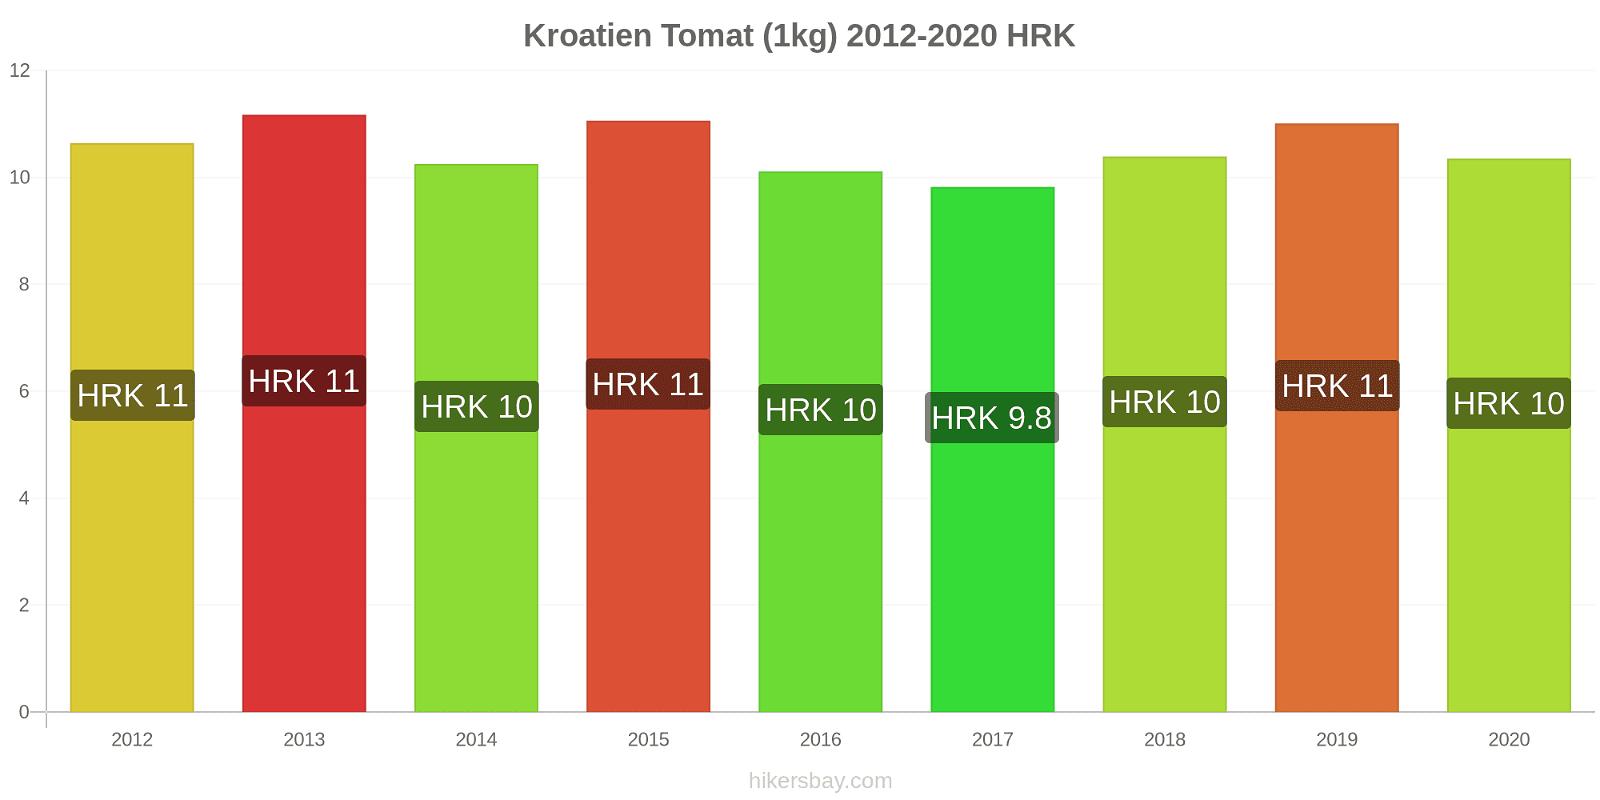 Kroatien prisförändringar Tomat (1kg) hikersbay.com